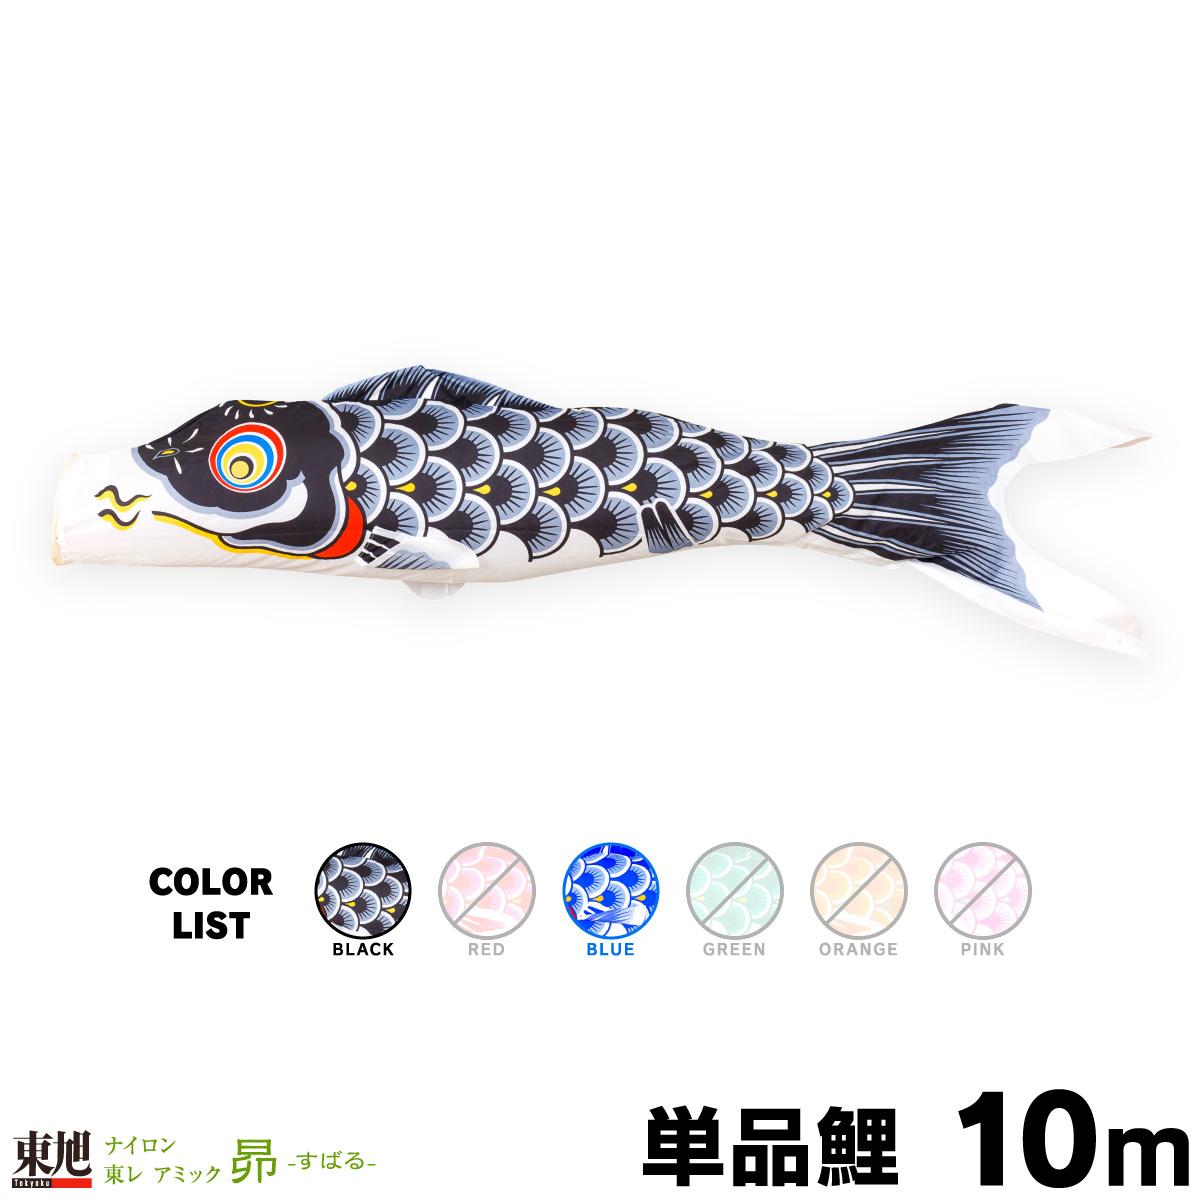 【こいのぼり 単品】 東レ アミック 昴(すばる) 10m 単品鯉